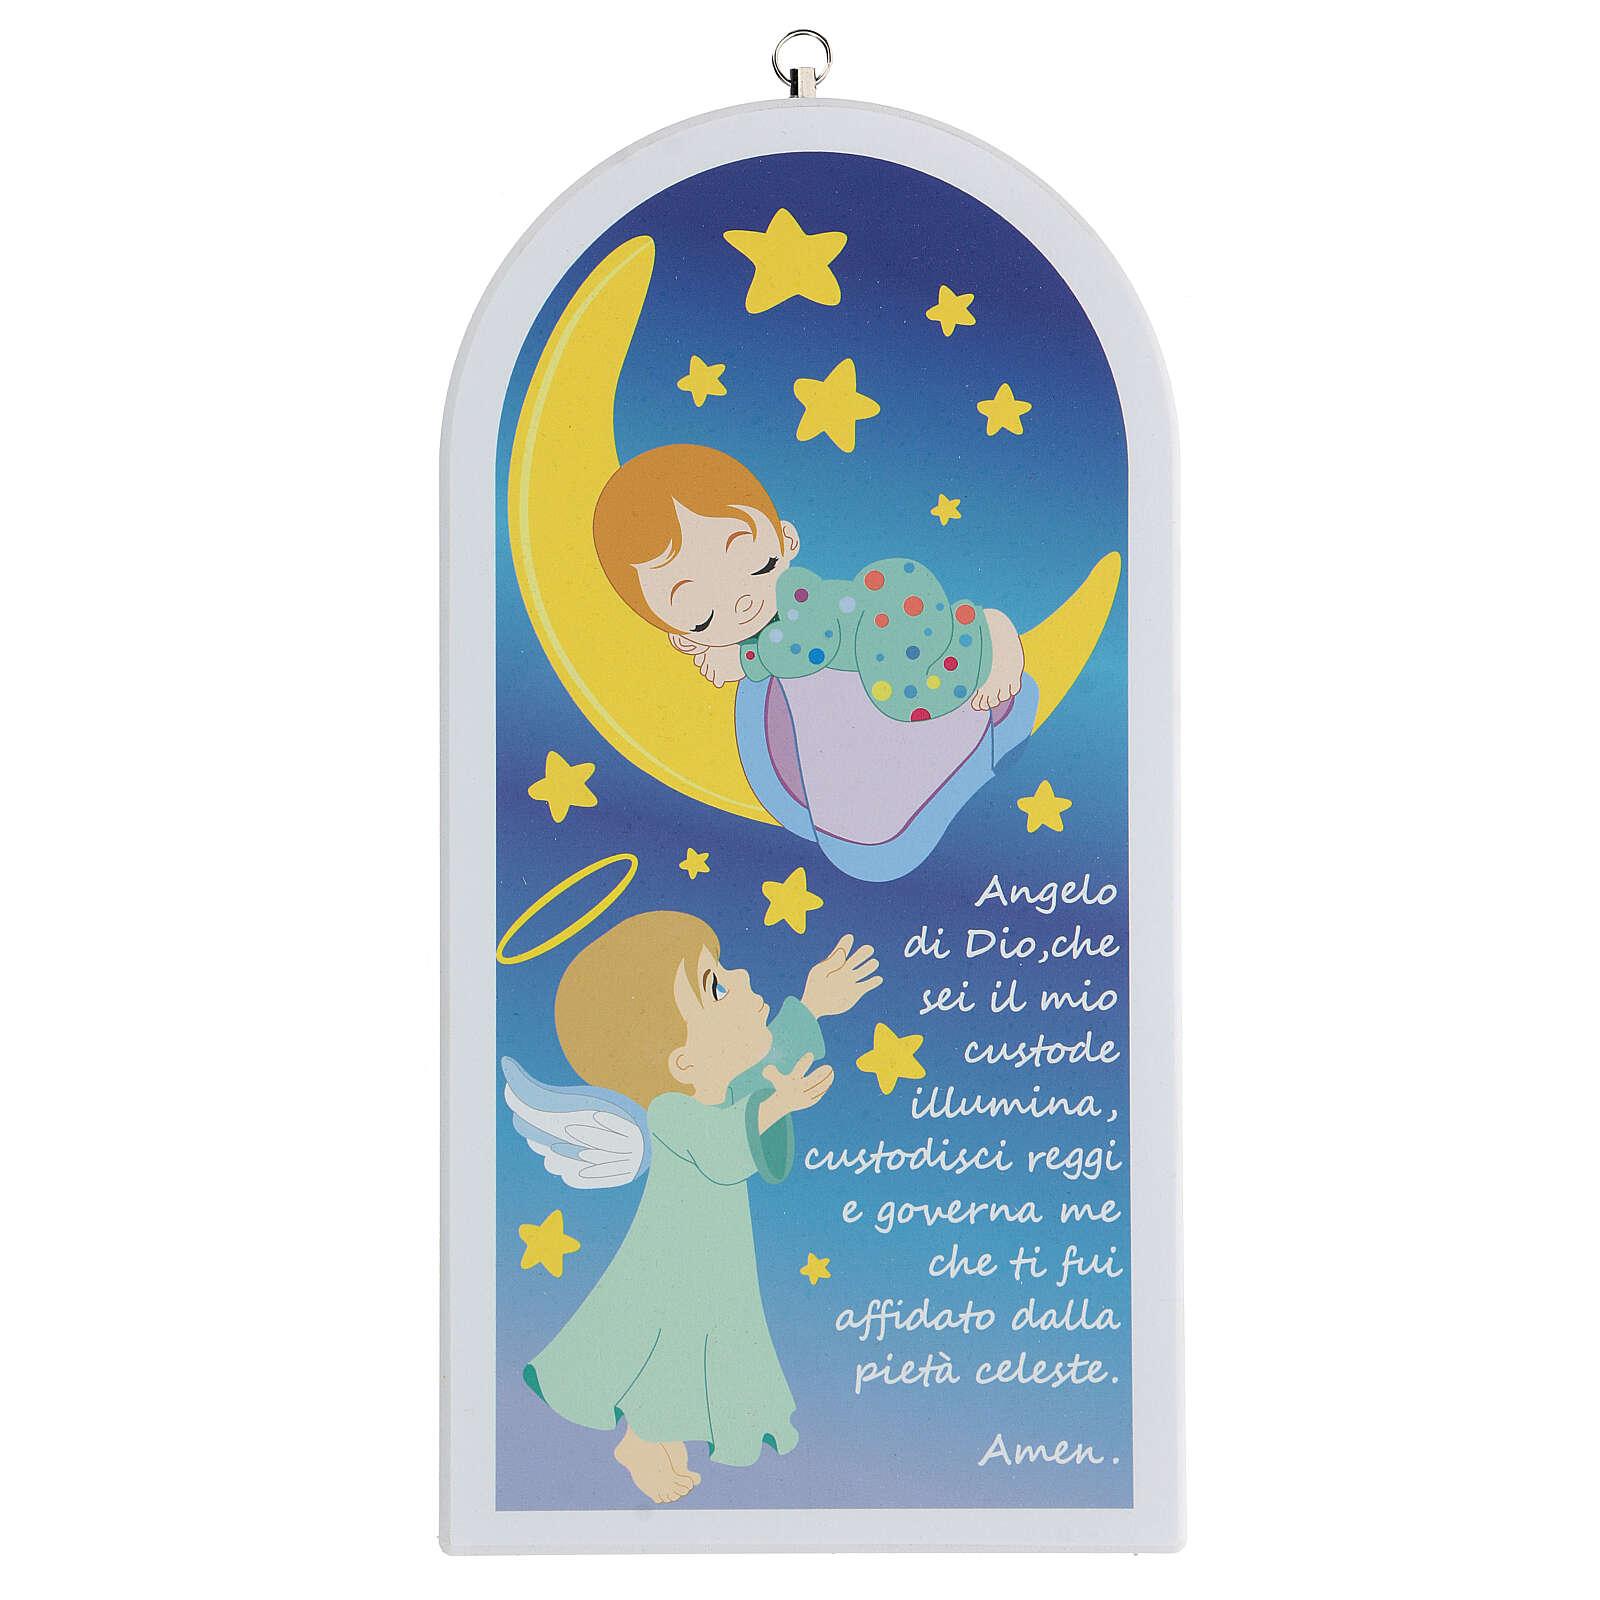 Preghiera Angelo di Dio icona bimbo e luna 3